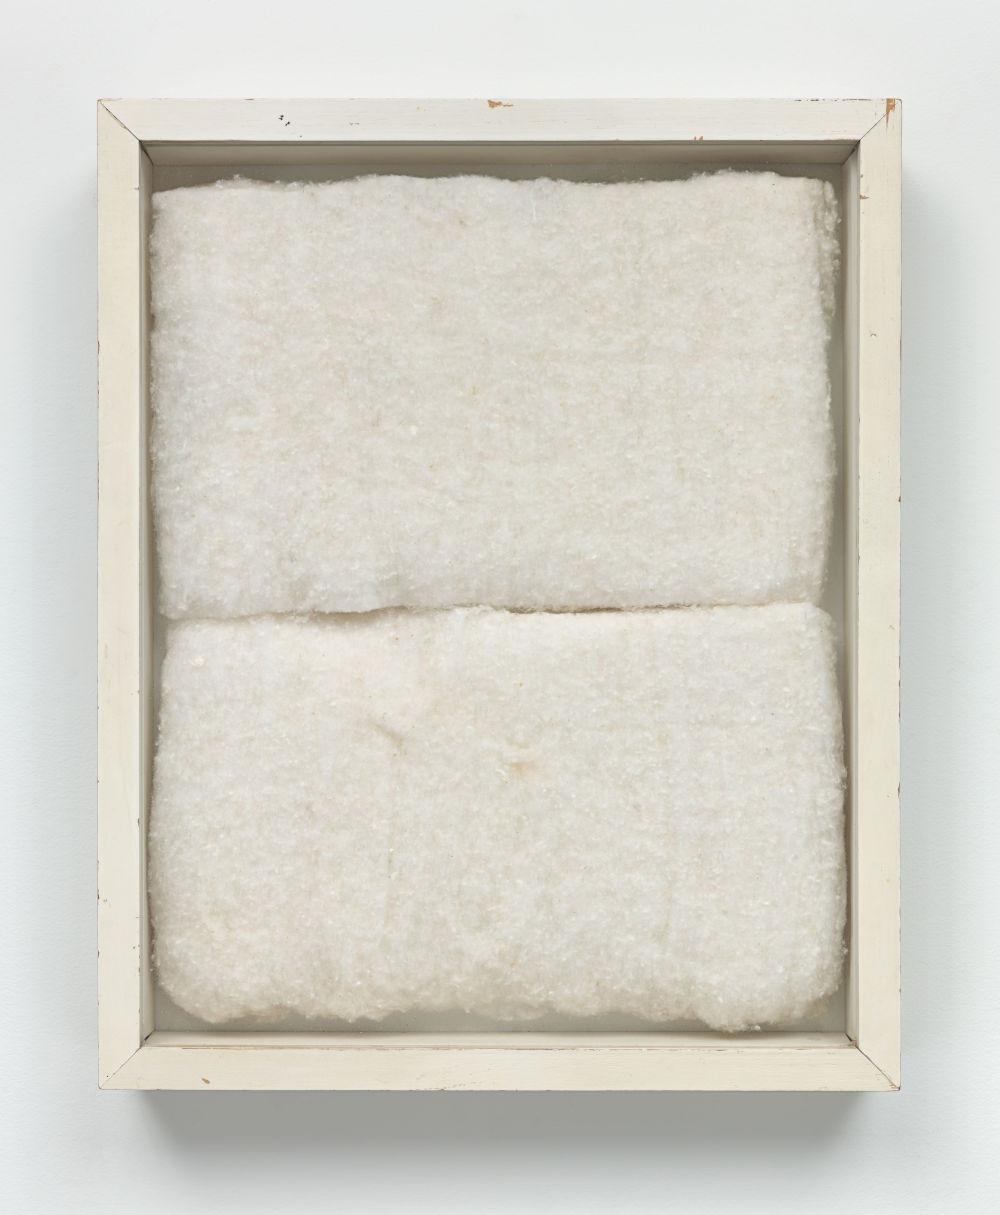 Piero Manzoni, Achrome, c. 1960. Cotton wool 31 x 25 cm / 12 1/4 x 9 7/8 in. Courtesy Fondazione Piero Manzoni, Milan and Hauser & Wirth. Photo: Genevieve Hanson © Fondazione Piero Manzoni, Milan